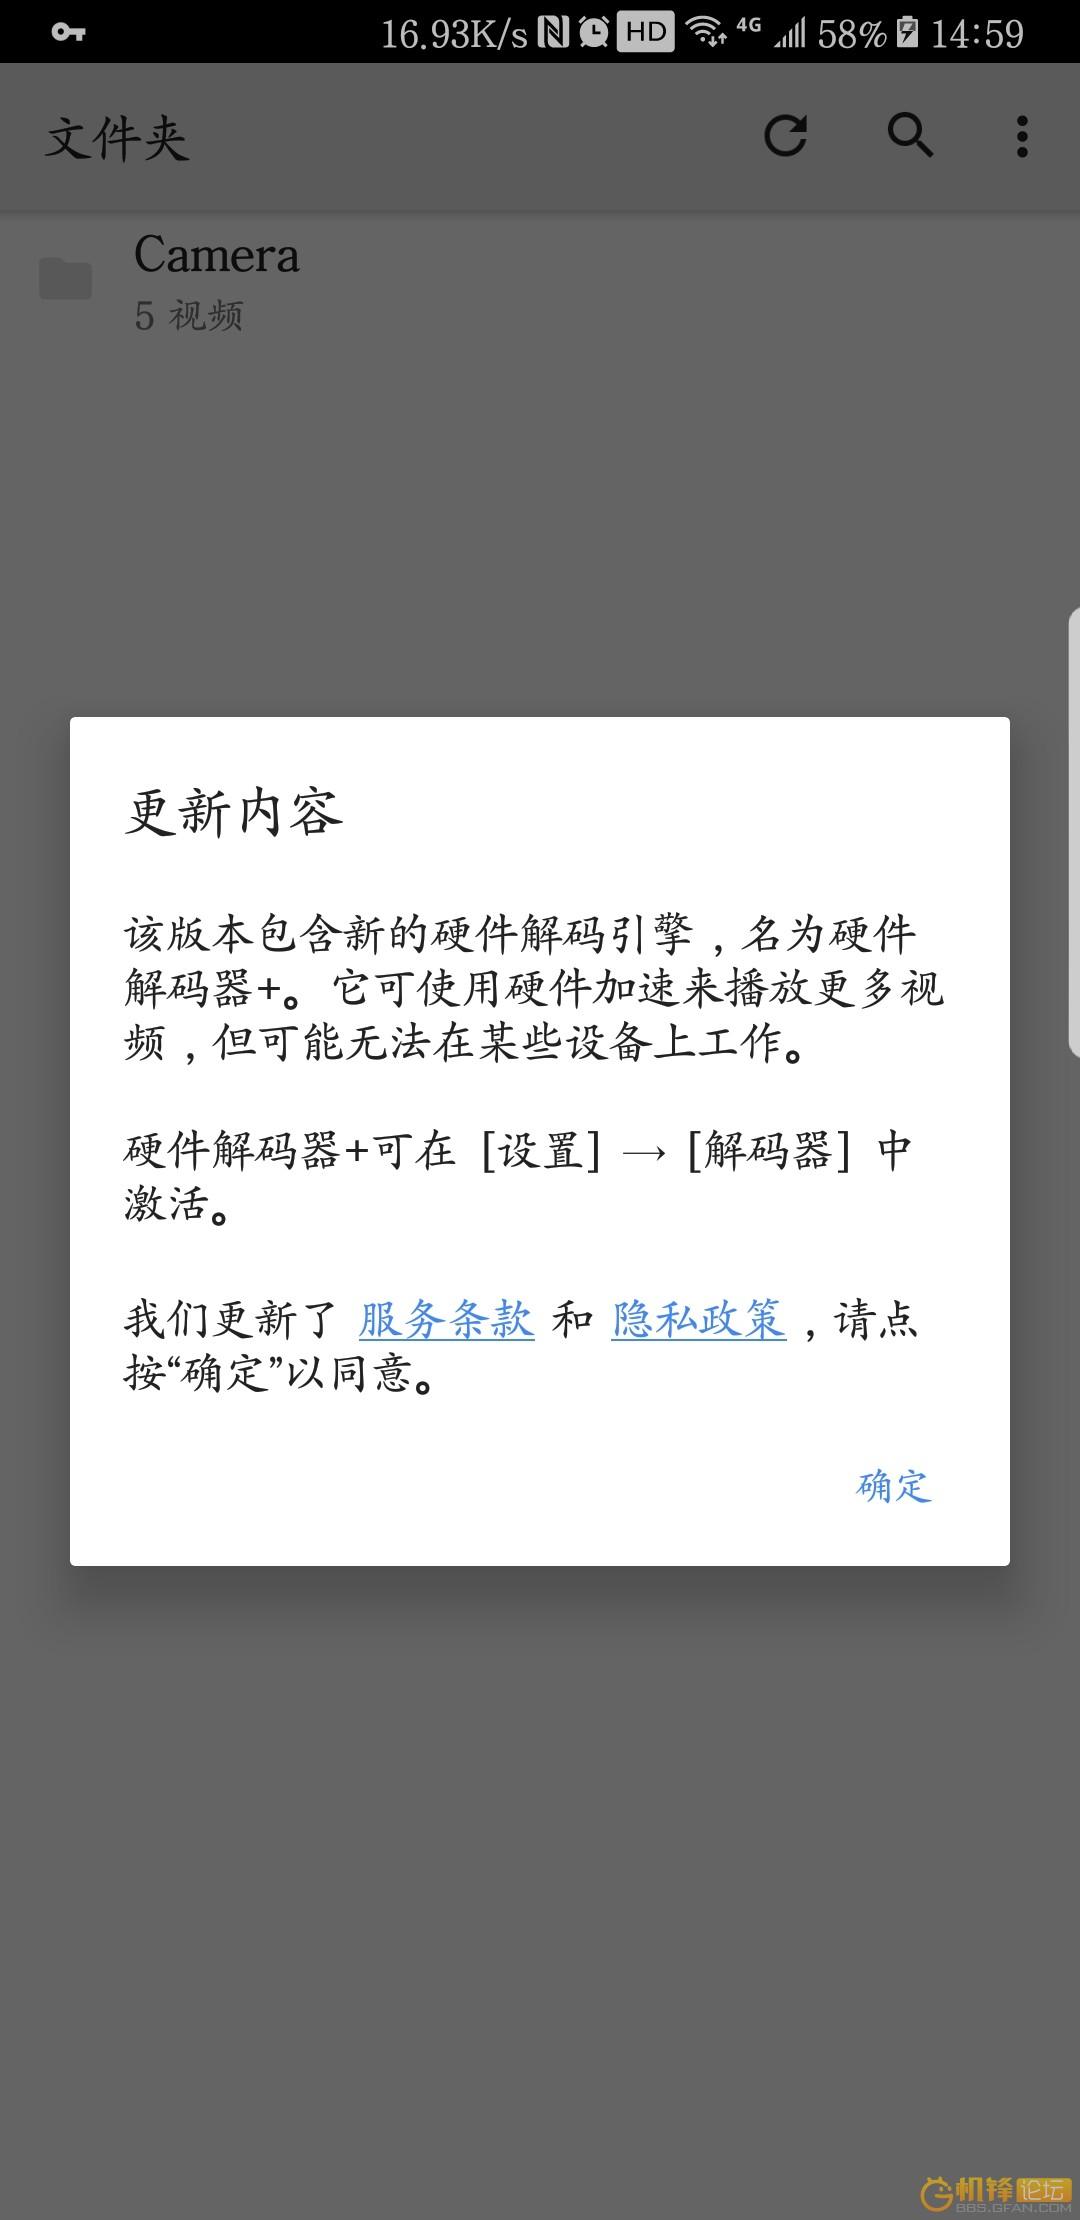 Screenshot_20180112-145925.jpg